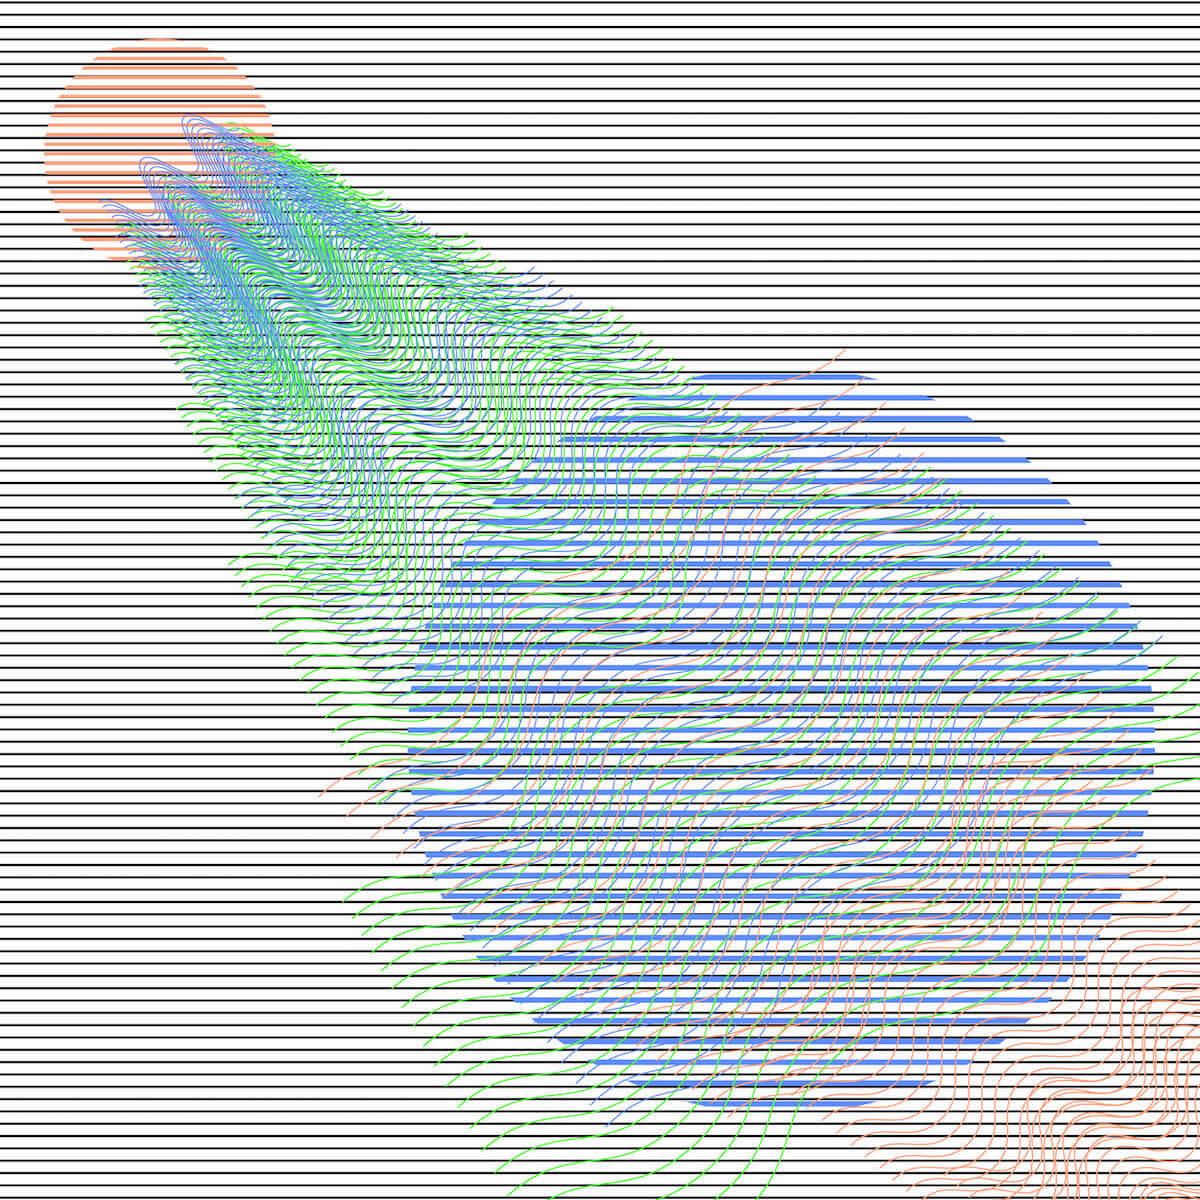 Tempalay、PERIMETRON×山田健人が映像制作したリード曲「のめりこめ、震えろ。」のMV公開! music190515tempalay_info